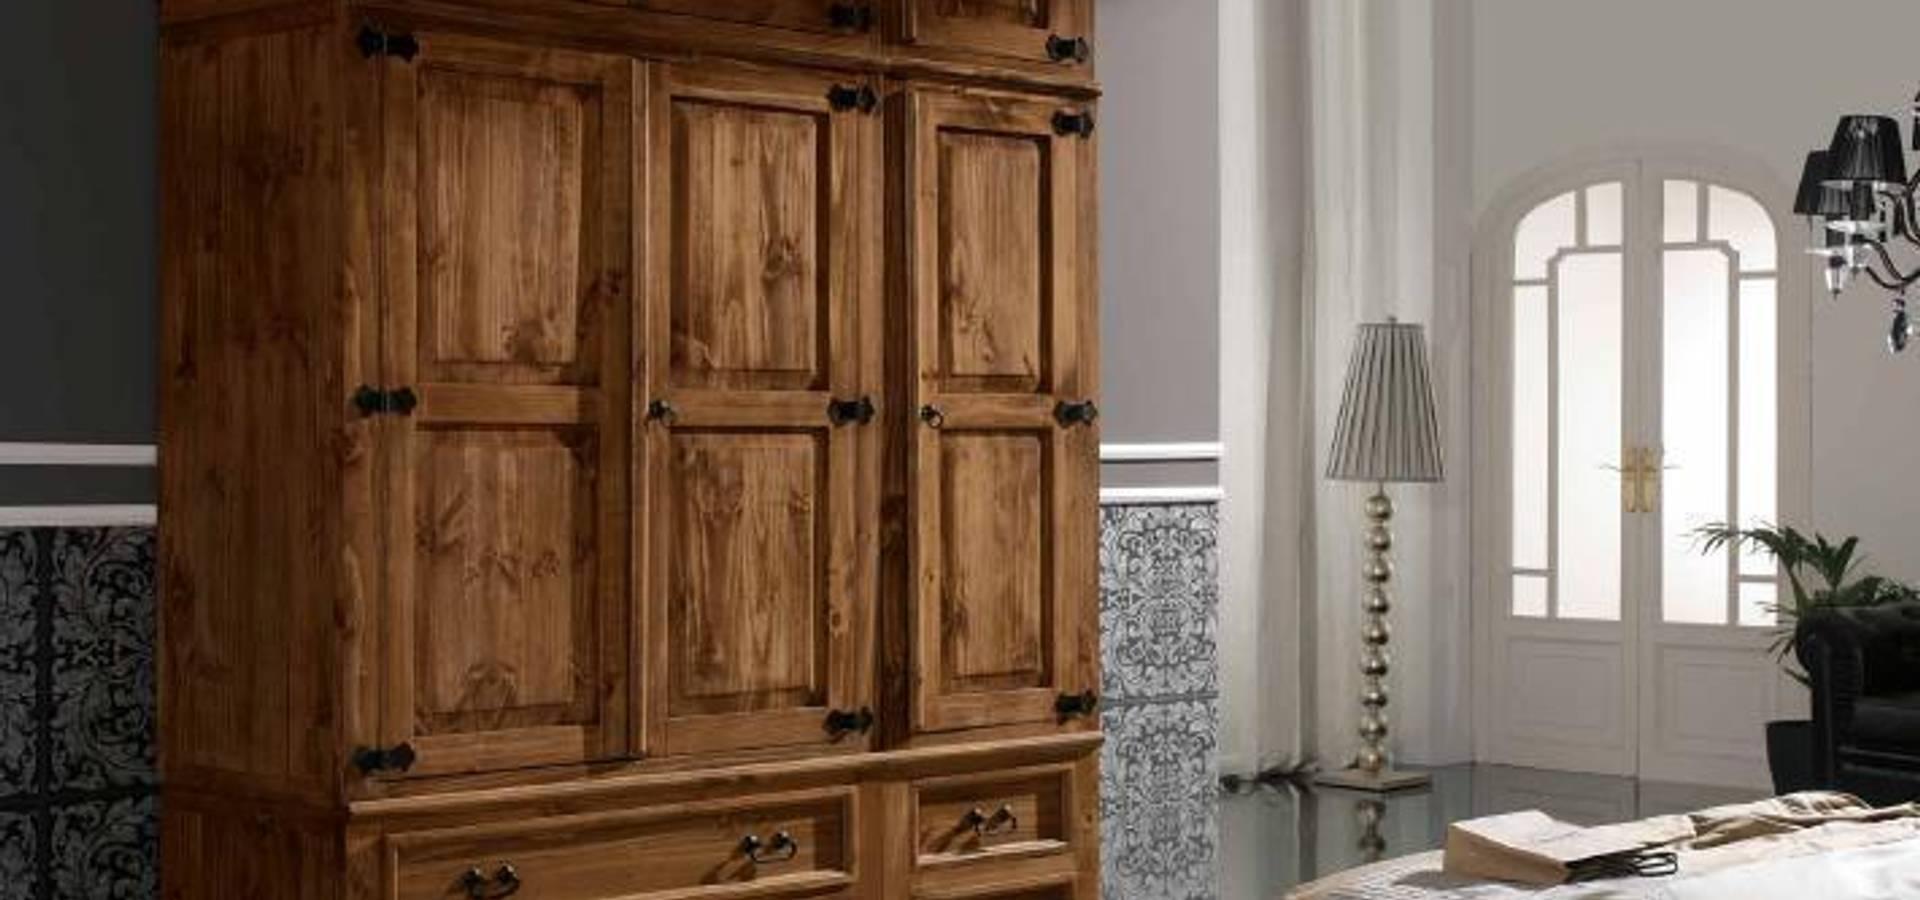 Armario r stico en madera maciza de silarte muebles for Herrajes para muebles rusticos